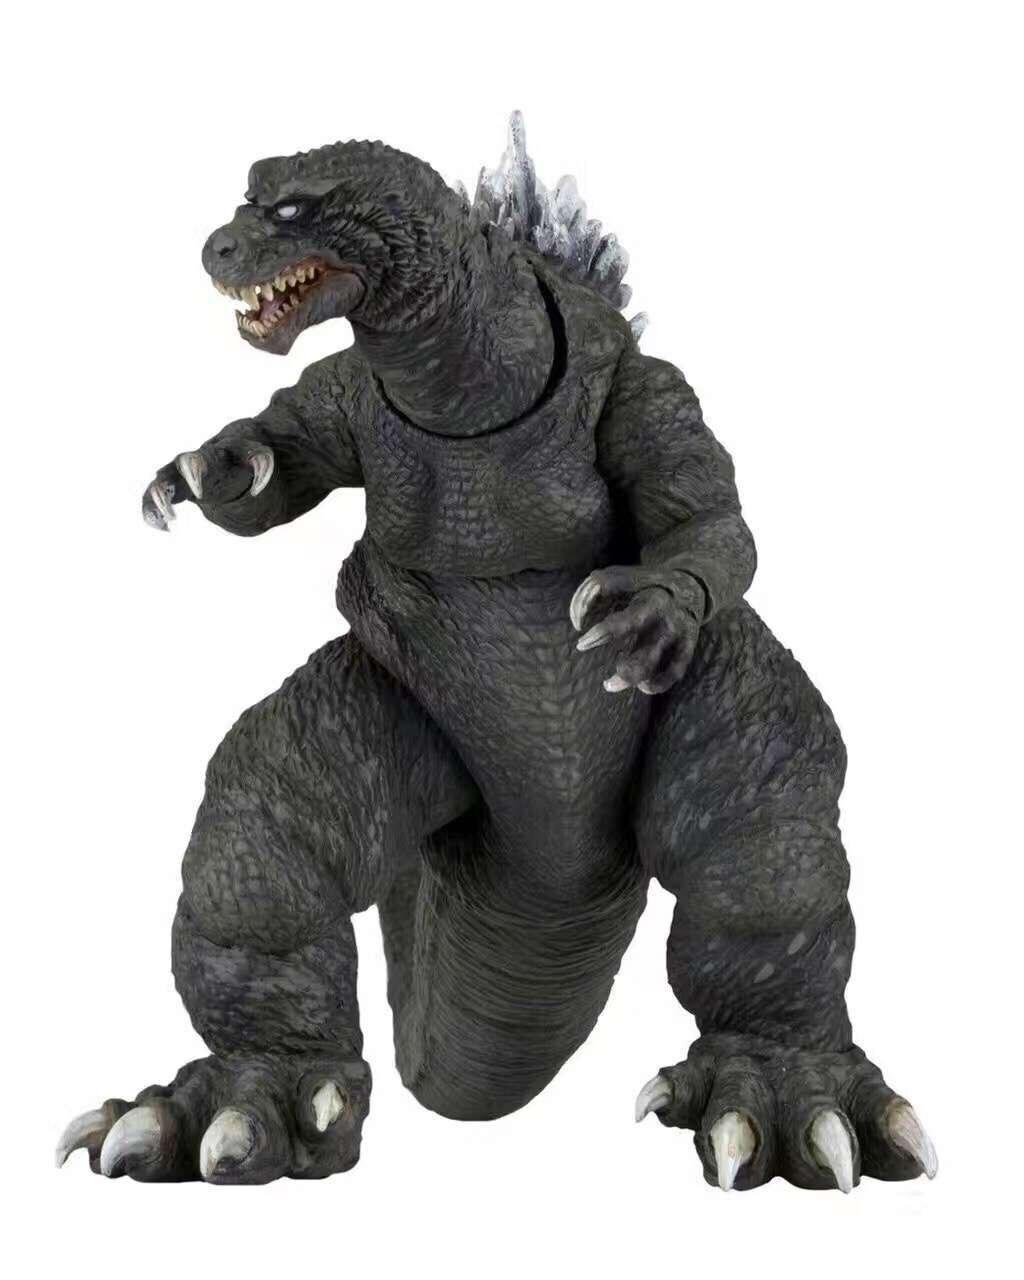 SAINTGI Годзилла Монстр динозавров Муто movie 2014 Аниме игры фигурка ПВХ фигурку Модель игрушки 17 см пластиковый пакет